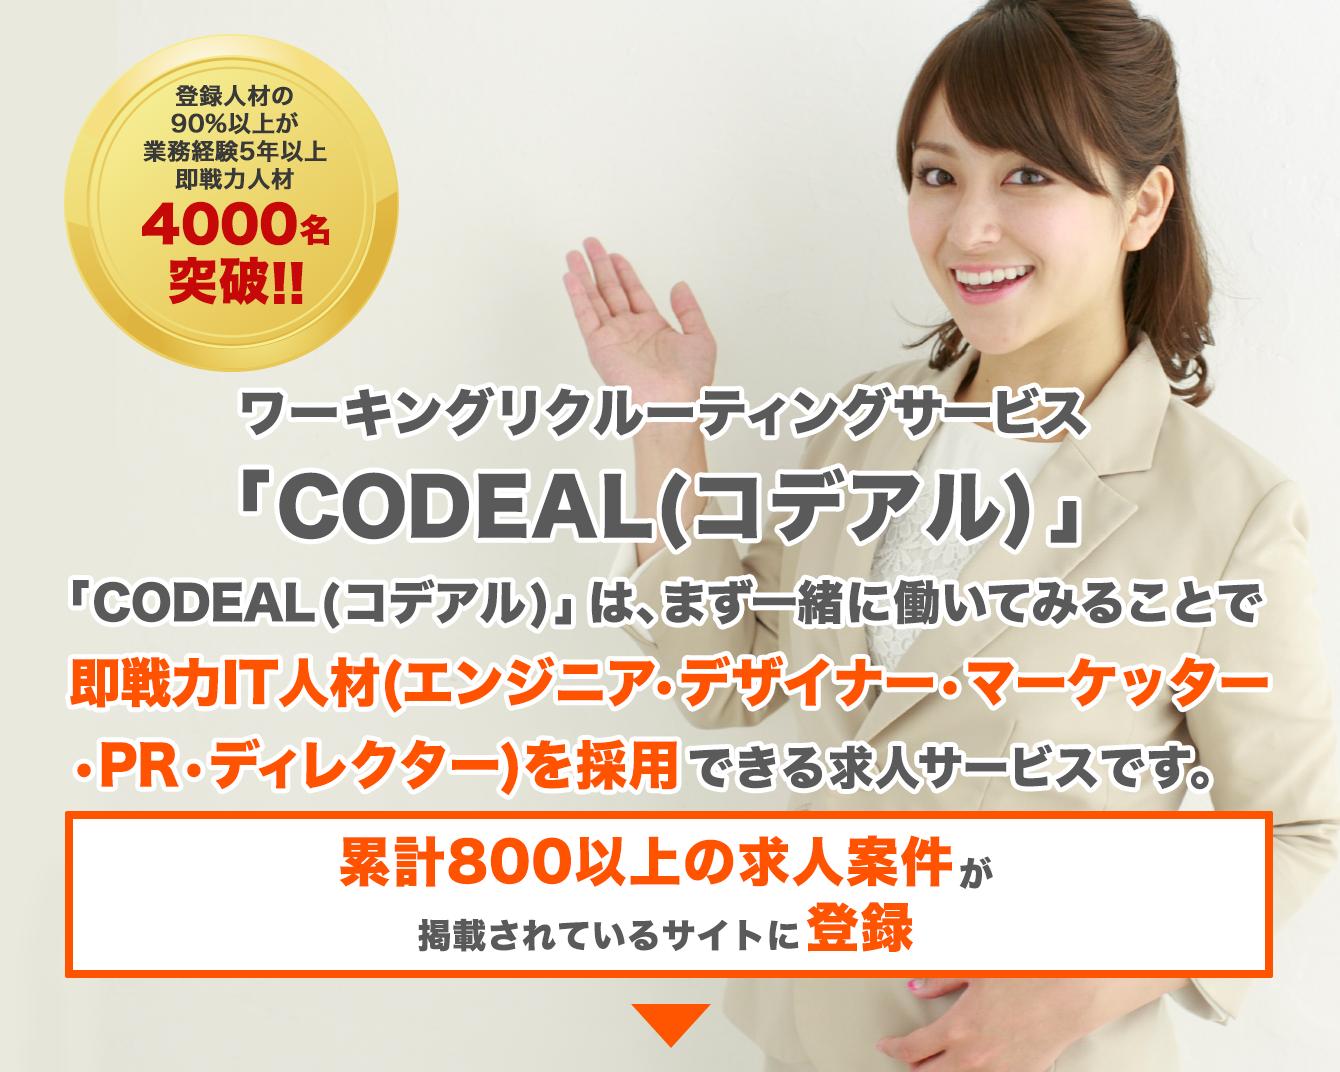 30日間一緒に働いてから 即戦力IT人材(エンジニア・デザイナー・マーケッター・PR・ディレクター)採用ができる! 日本初!ワーキングリクルーティングサービス「コデアル」